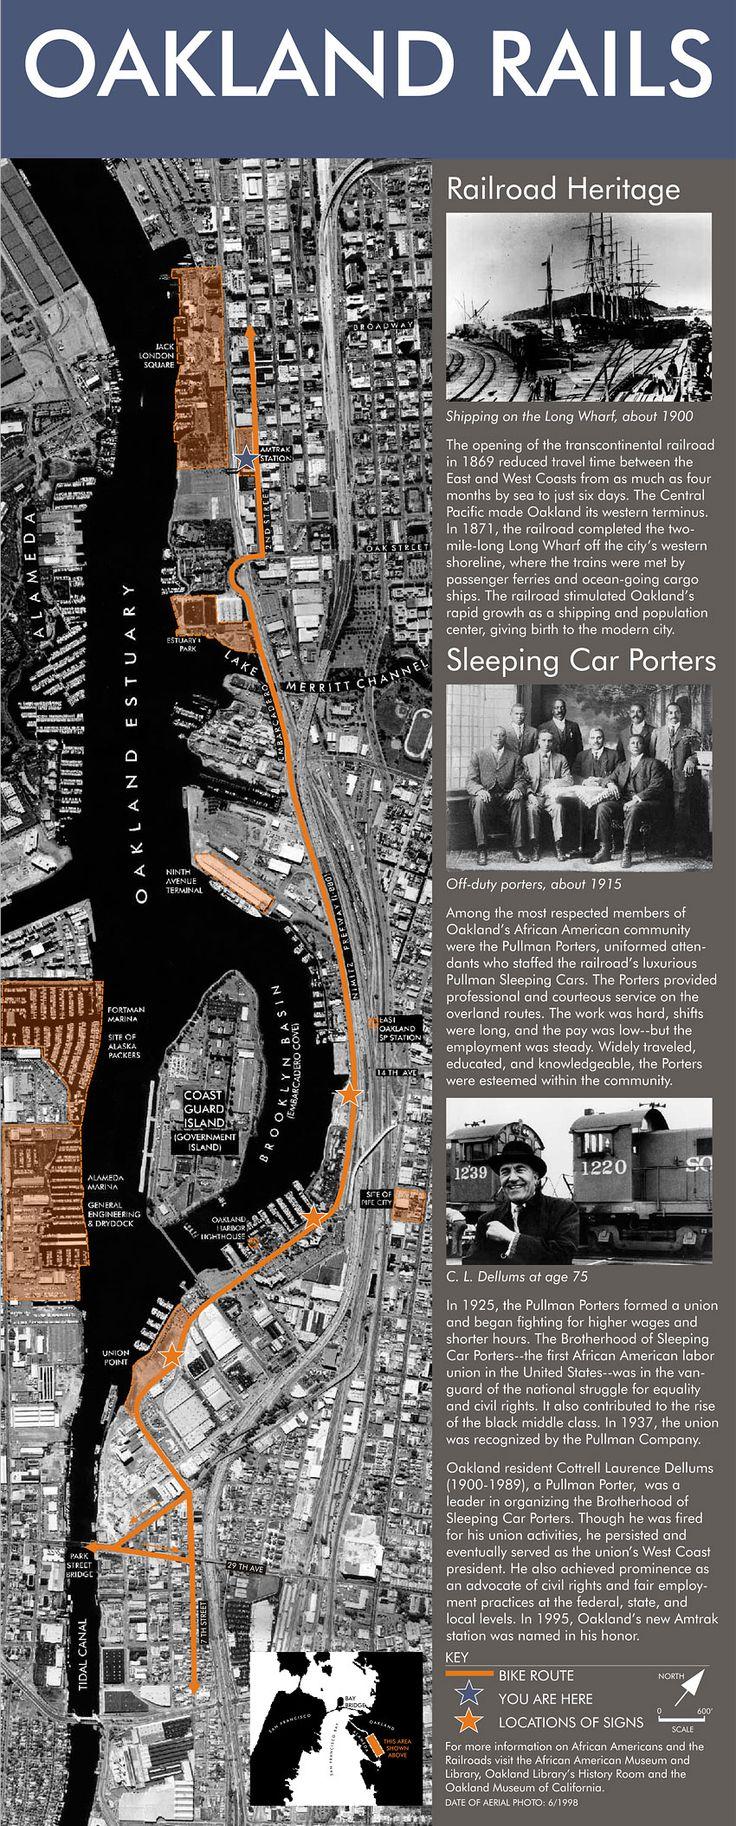 Historical Marker - Oakland Rails